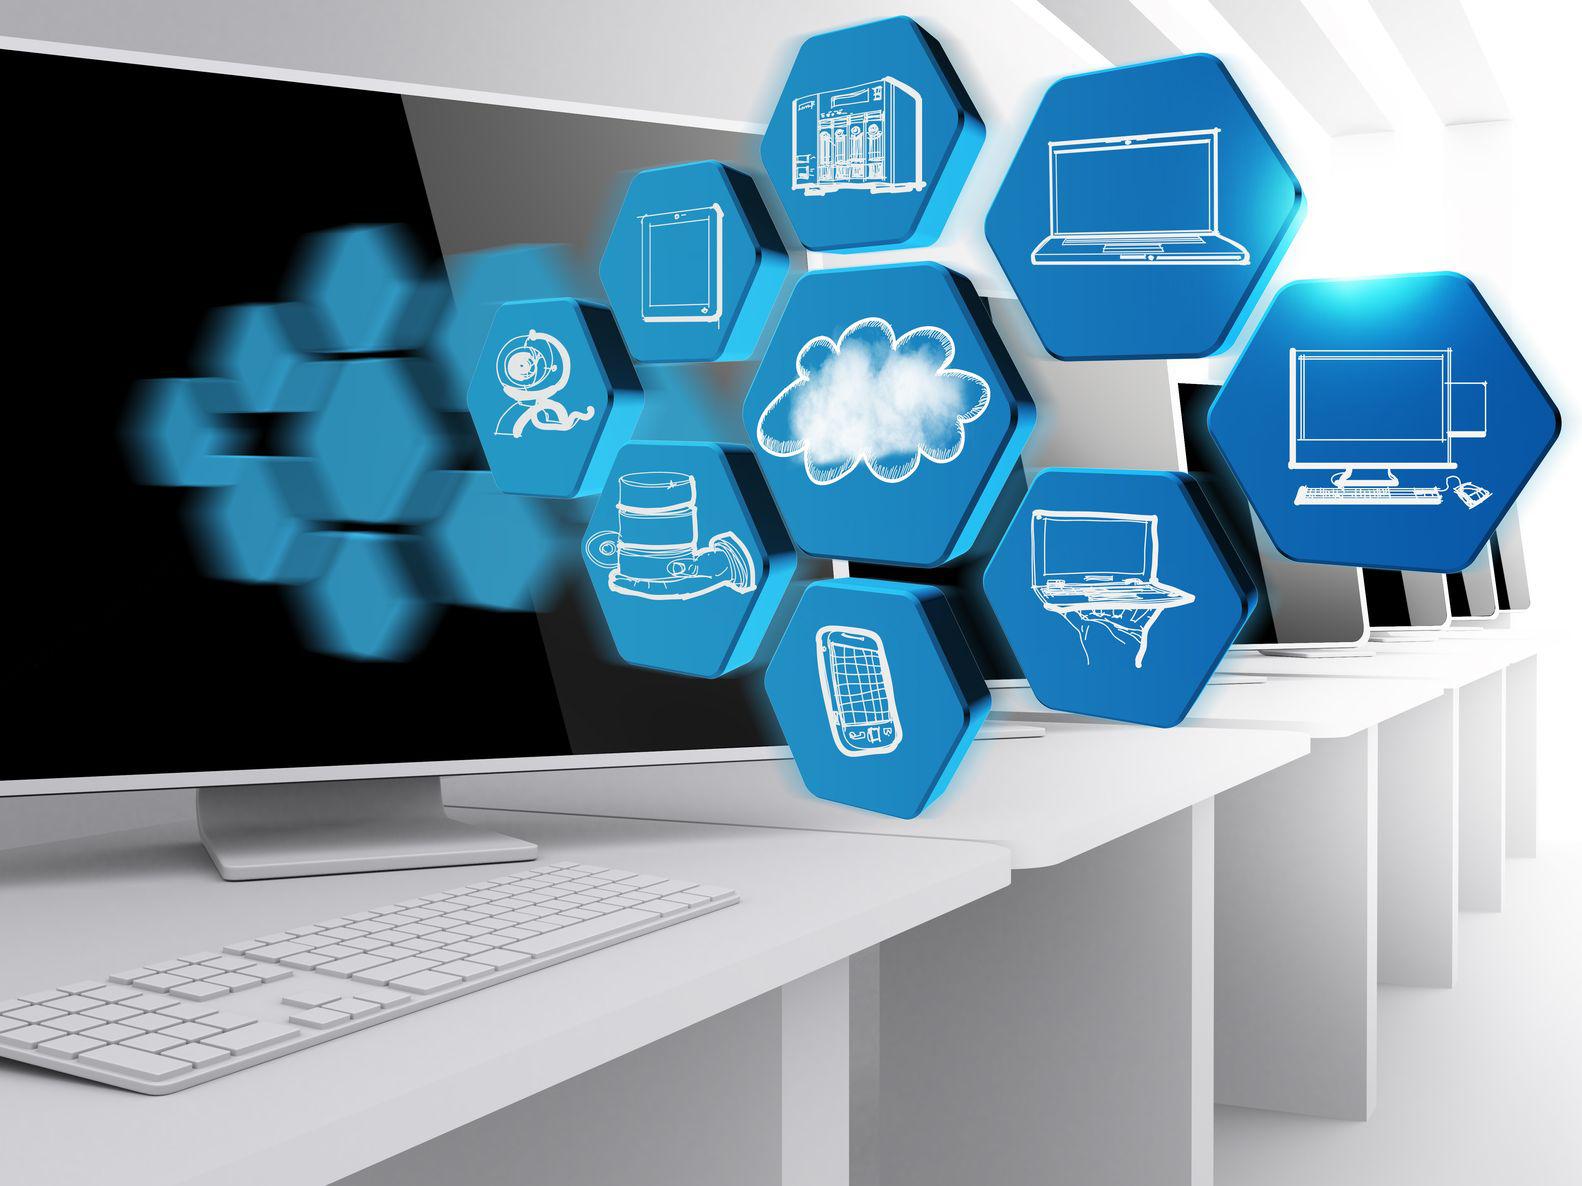 ¿Qué tanto conoces acerca de la virtualización?